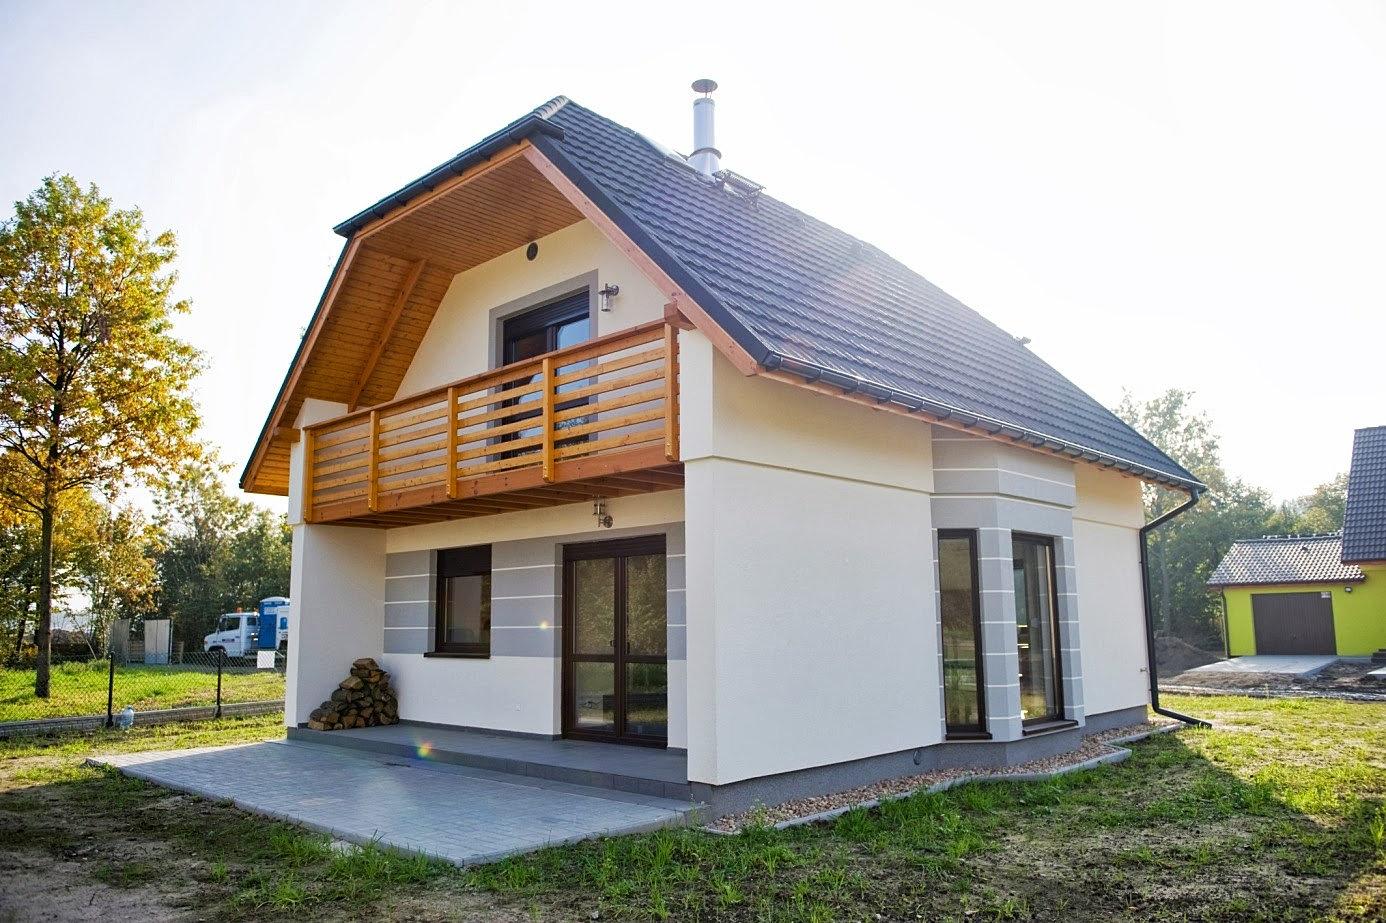 Maison modulaire france maison modulaire en bois moncey france les maisons modulaires les for Maison modulaire bois prix